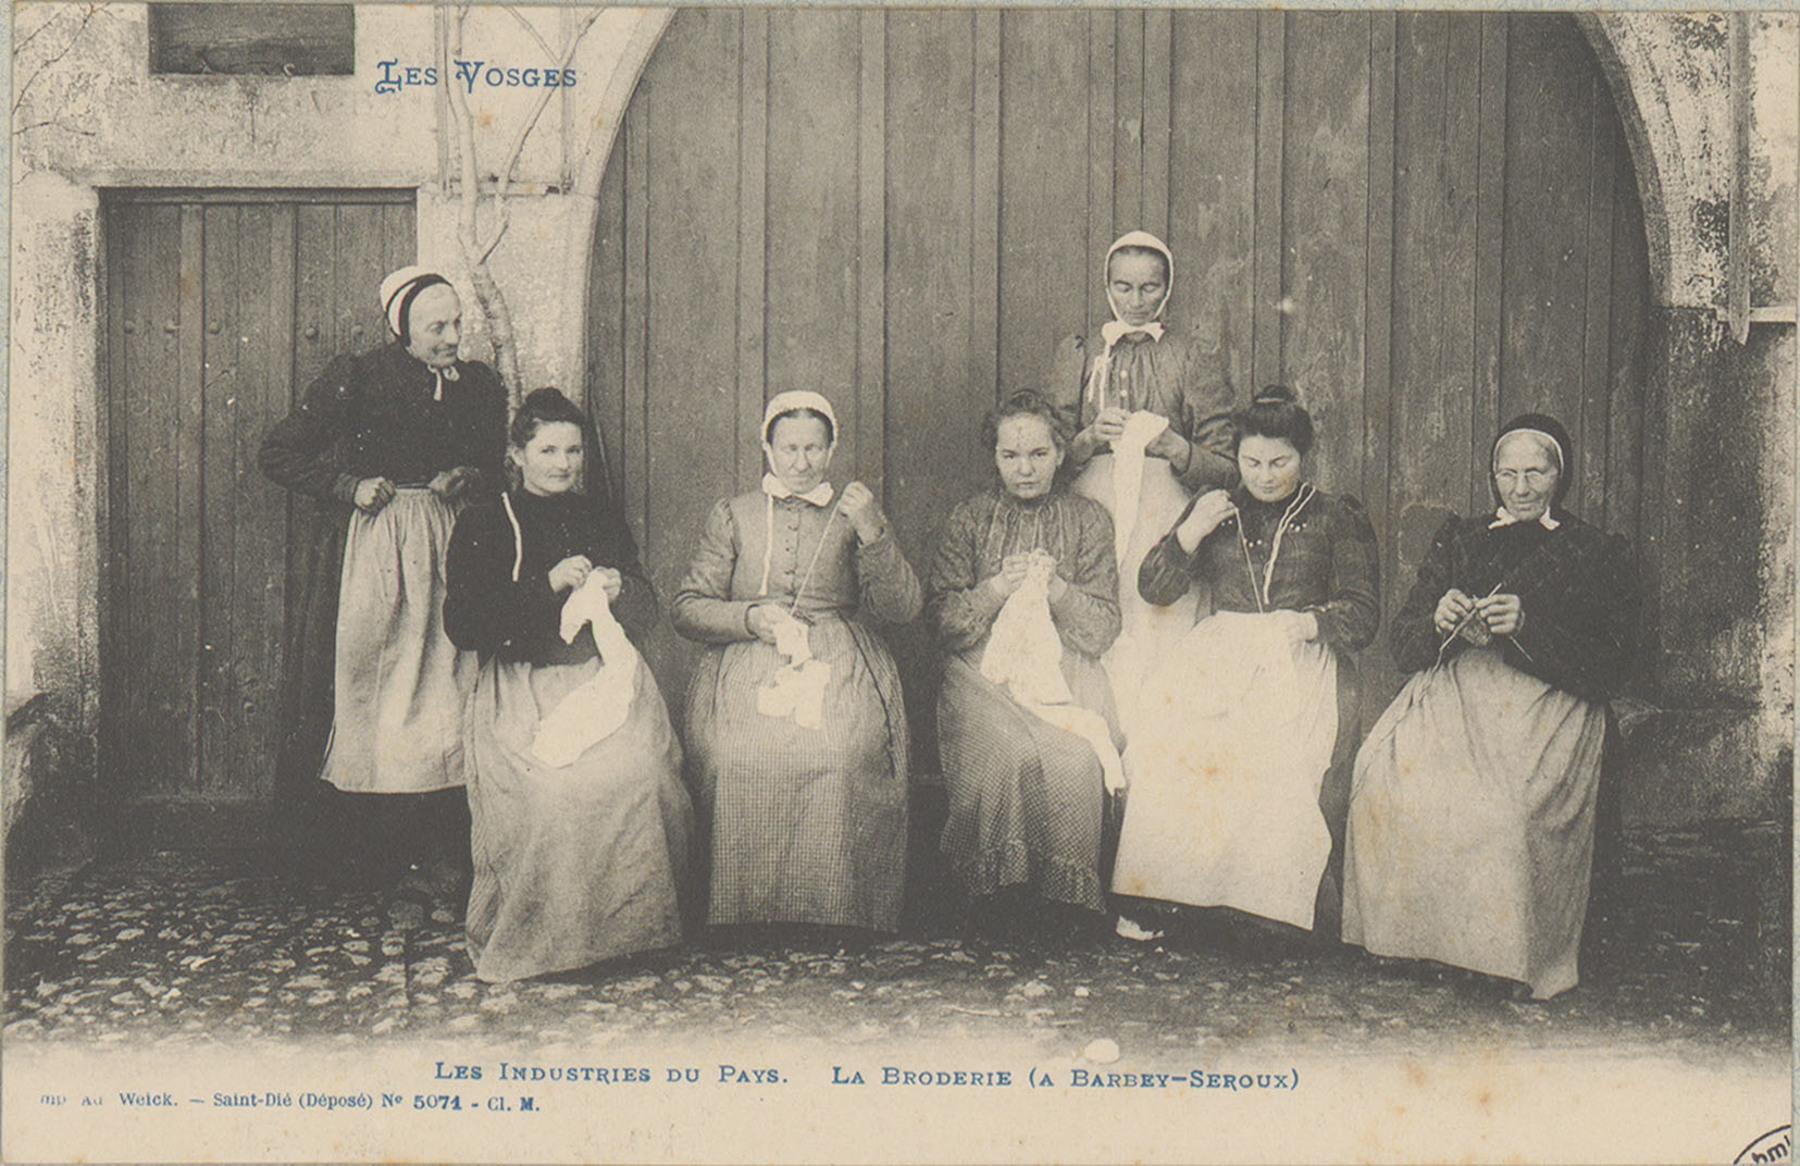 Contenu du Femmes de tout âge excellant dans l'art spécifique de la broderie vosgienne pour l'habillement. Village de Barbey-Seroux.